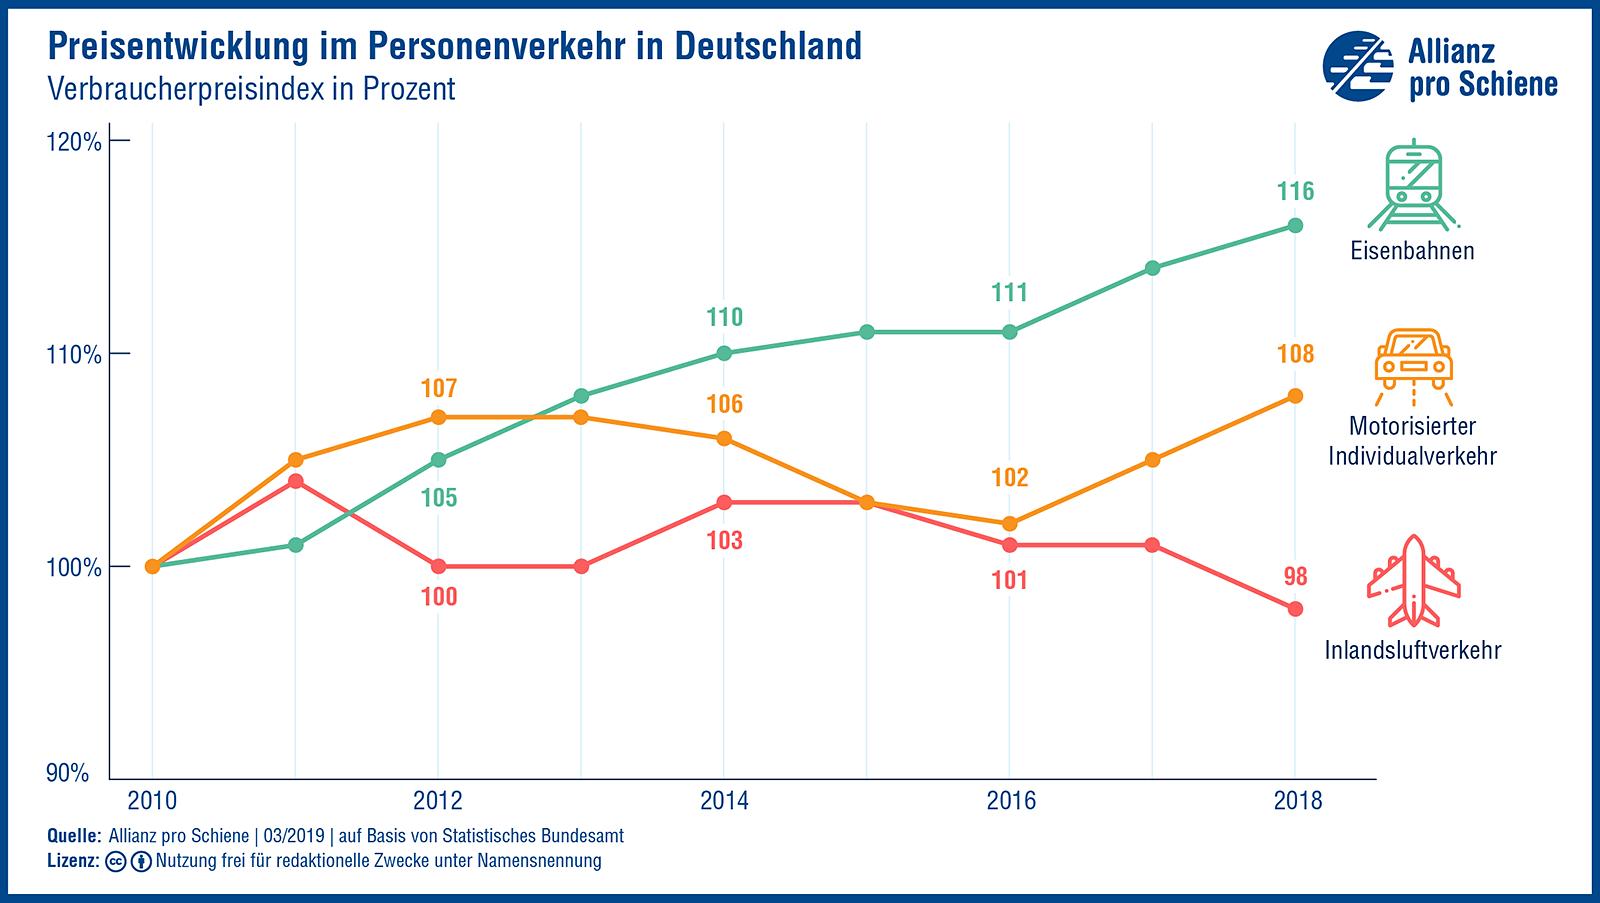 Preisentwicklung im Personenverkehr in Deutschland